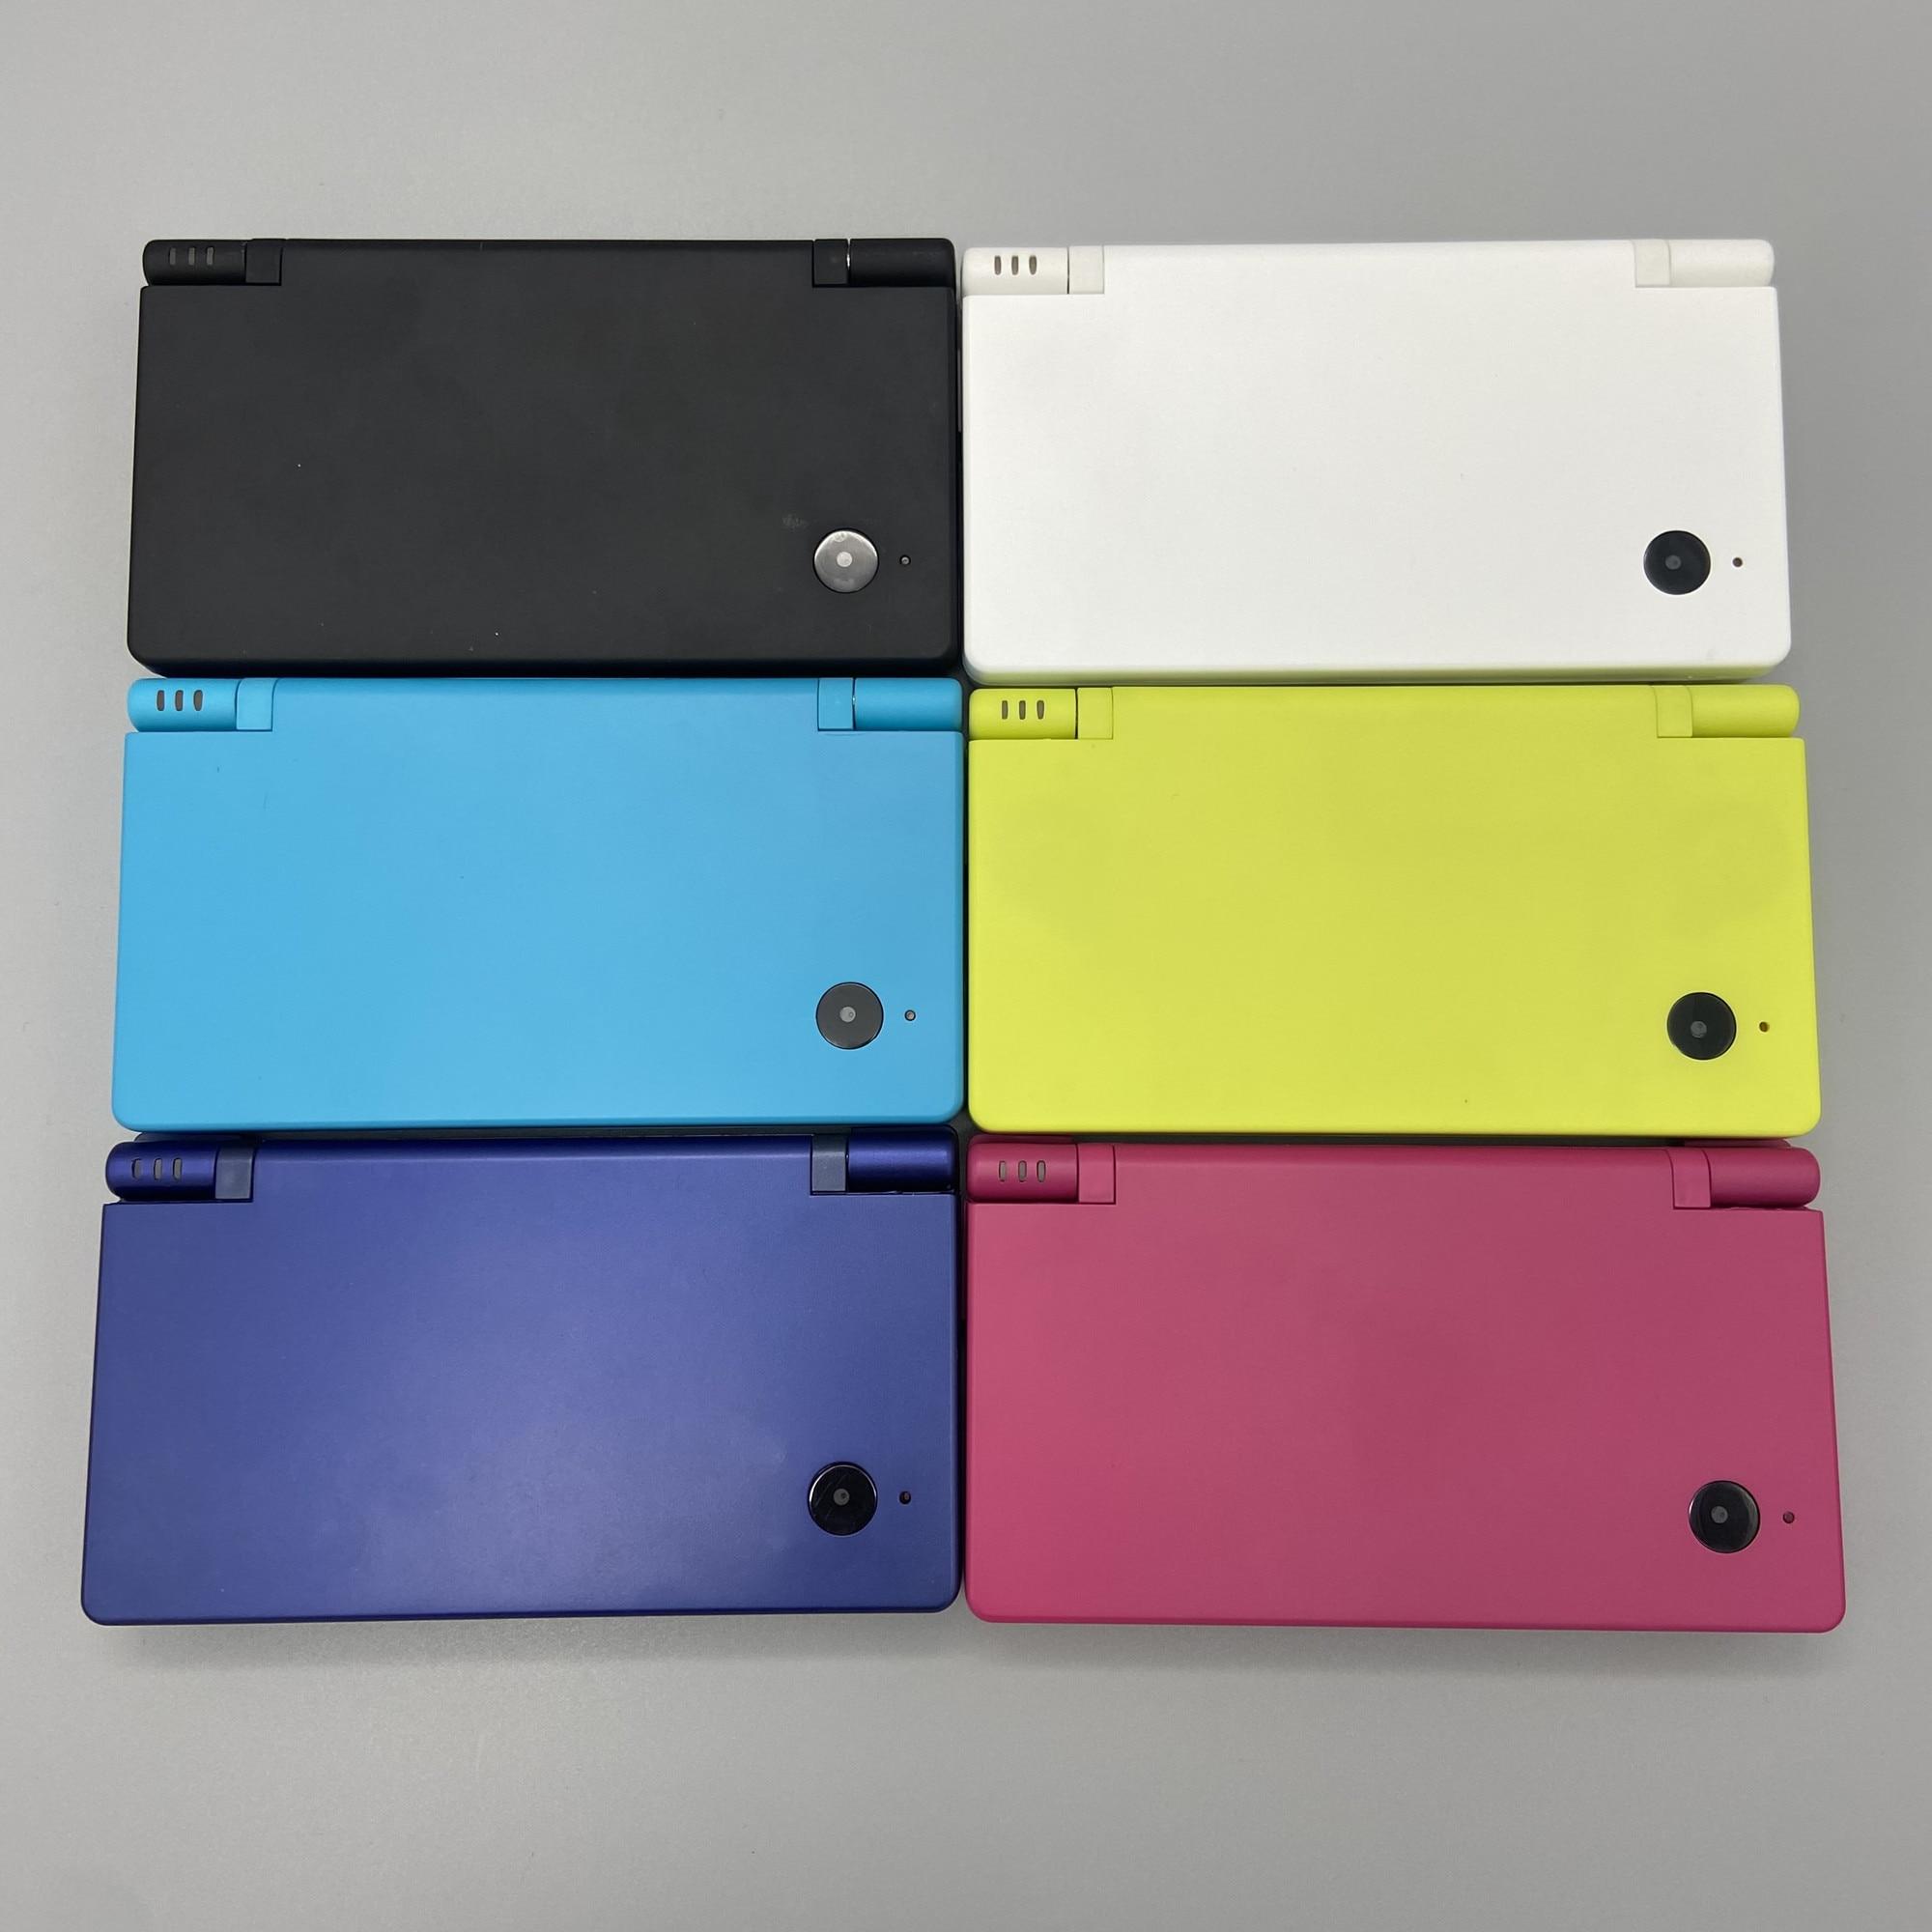 جهاز تحكم ألعاب نينتندو دي إس آي مجدد باحترافية للعبة نينتندو دي إس آي بالم ببطاقة ذاكرة 32 جيجابايت